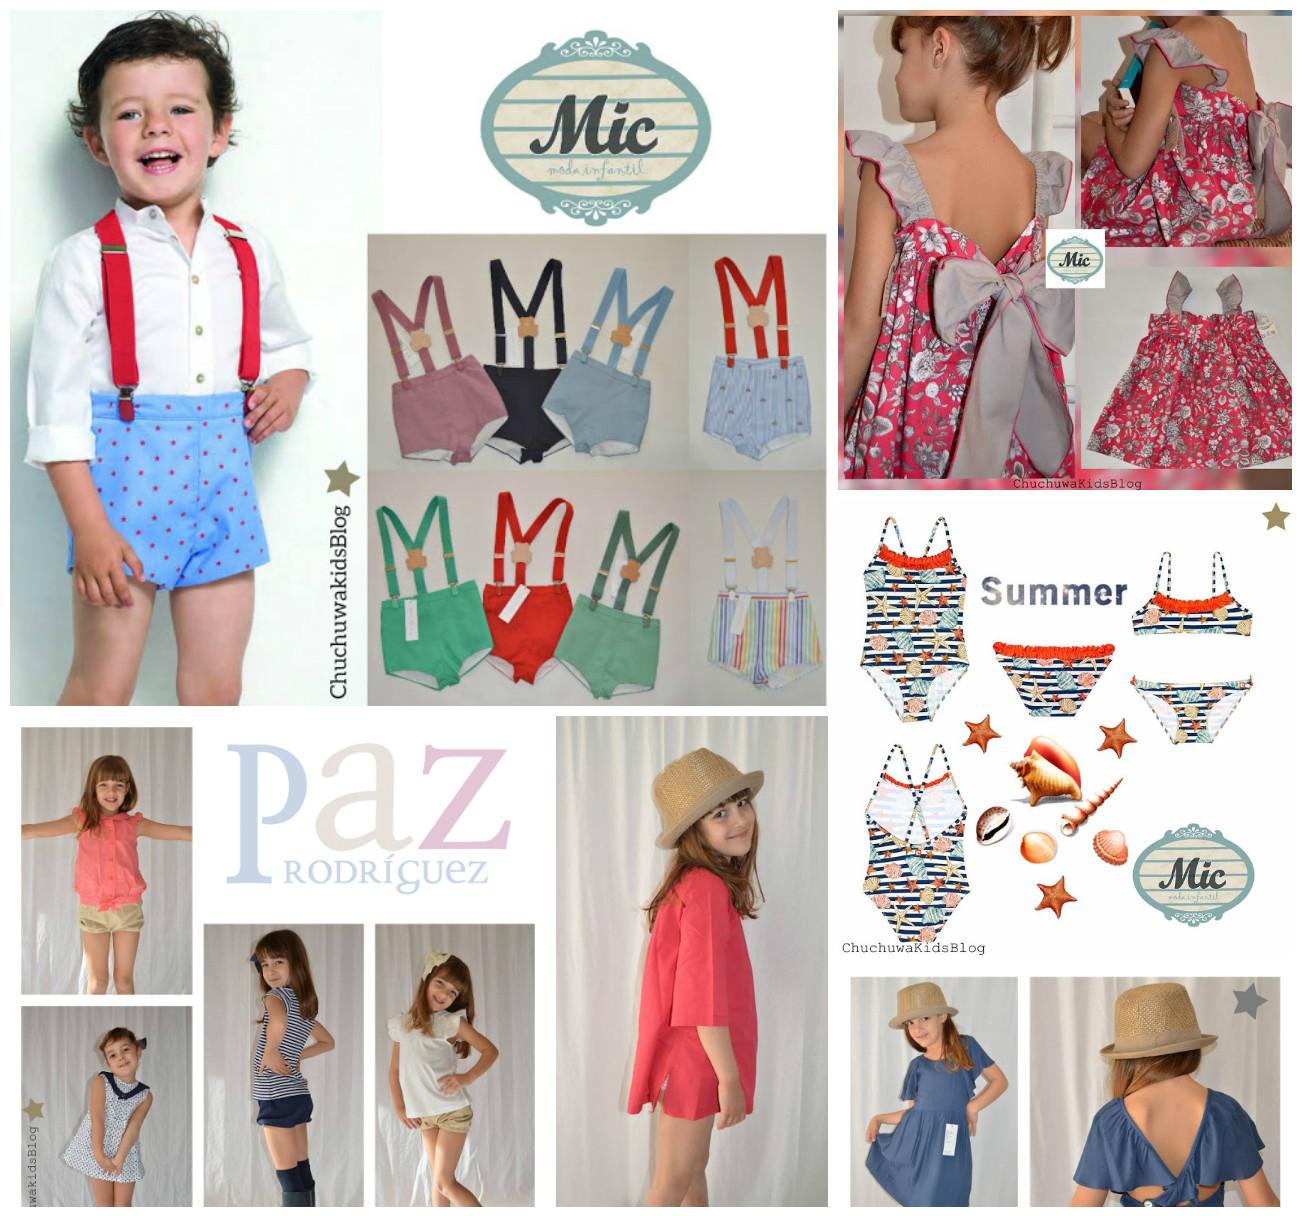 Blog moda infantil mic moda infantil verano 2016 for Jardin infantil verano 2016